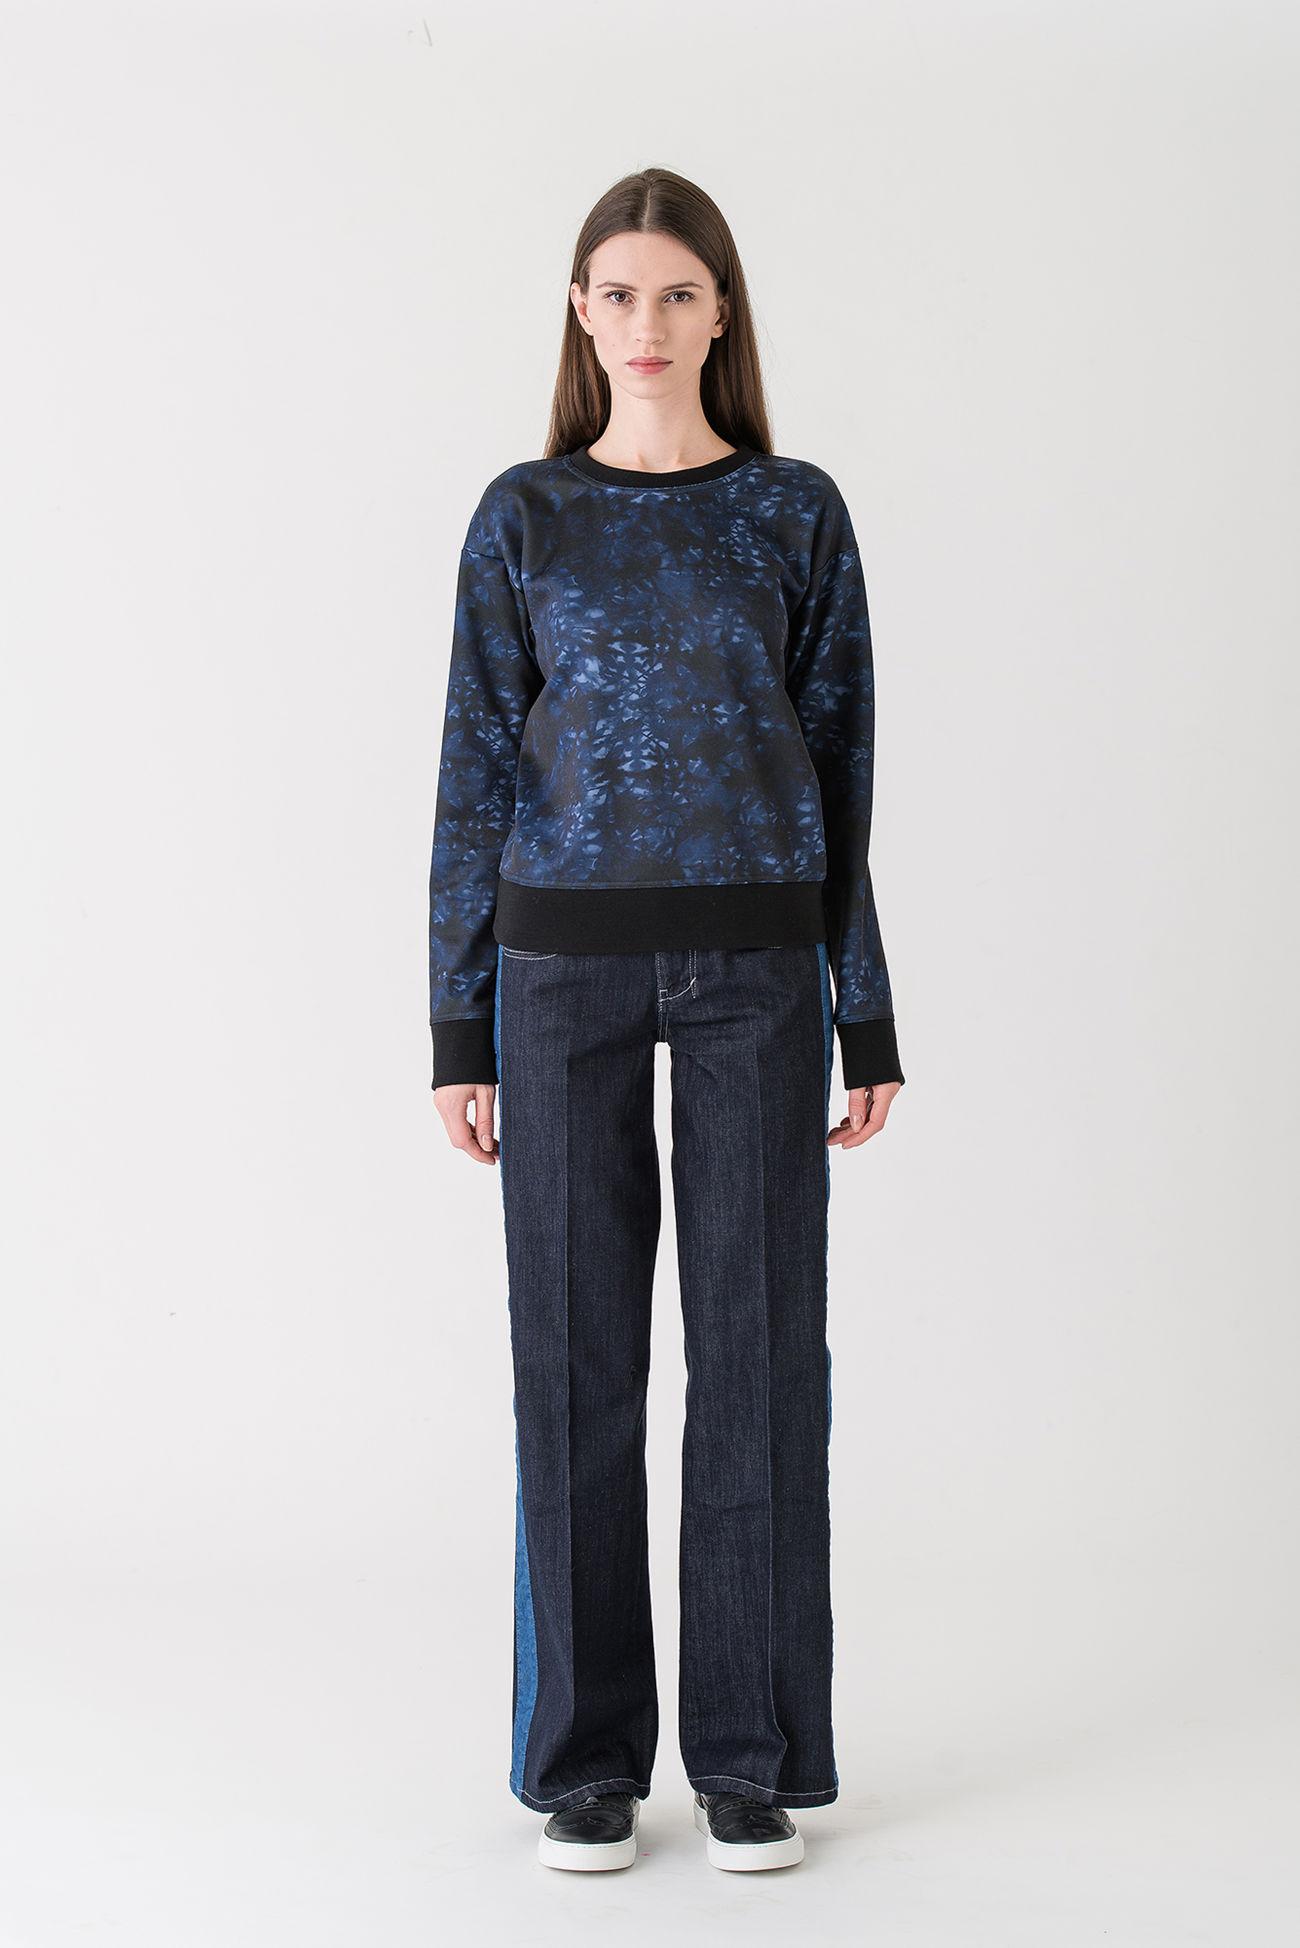 Trendsichere Jeans aus blauem Denim.